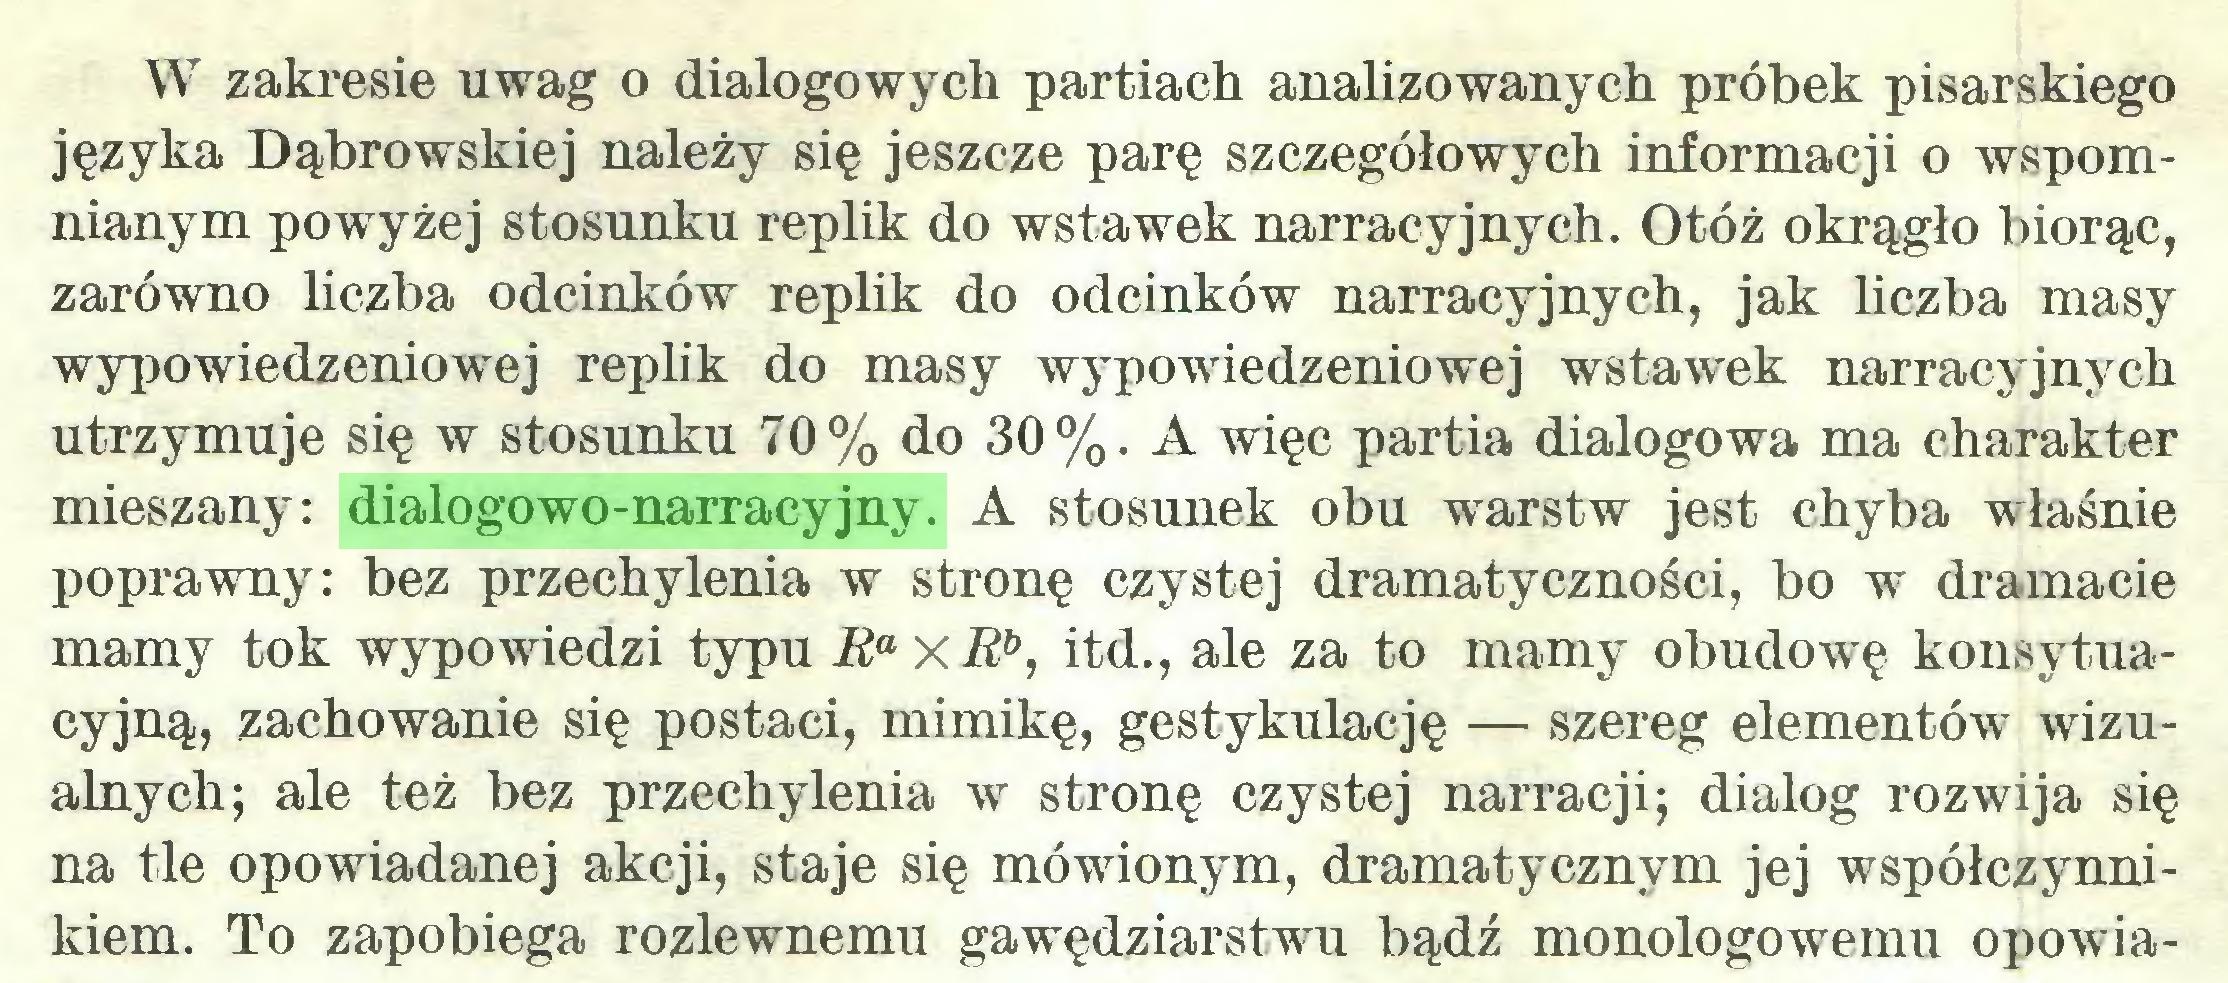 (...) W zakresie uwag o dialogowych partiach analizowanych próbek pisarskiego języka Dąbrowskiej należy się jeszcze parę szczegółowych informacji o wspomnianym powyżej stosunku replik do wstawek narracyjnych. Otóż okrągło biorąc, zarówno liczba odcinków replik do odcinków narracyjnych, jak liczba masy wypowiedzeniowej replik do masy wypowiedzeniowej wstawek narracyjnych utrzymuje się w stosunku 70% do 30%. A więc partia dialogowa ma charakter mieszany: dialogowo-narracyjny. A stosunek obu warstw jest chyba właśnie poprawny: bez przechylenia w stronę czystej dramatyczności, bo w dramacie mamy tok wypowiedzi typu RaxRb, itd., ale za to mamy obudowę konsytuacyjną, zachowanie się postaci, mimikę, gestykulację — szereg elementów wizualnych; ale też bez przechylenia w stronę czystej narracji; dialog rozwija się na tle opowiadanej akcji, staje się mówionym, dramatycznym jej współczynnikiem. To zapobiega rozlewnemu gawędziarstwu bądź monologowemu opowia...